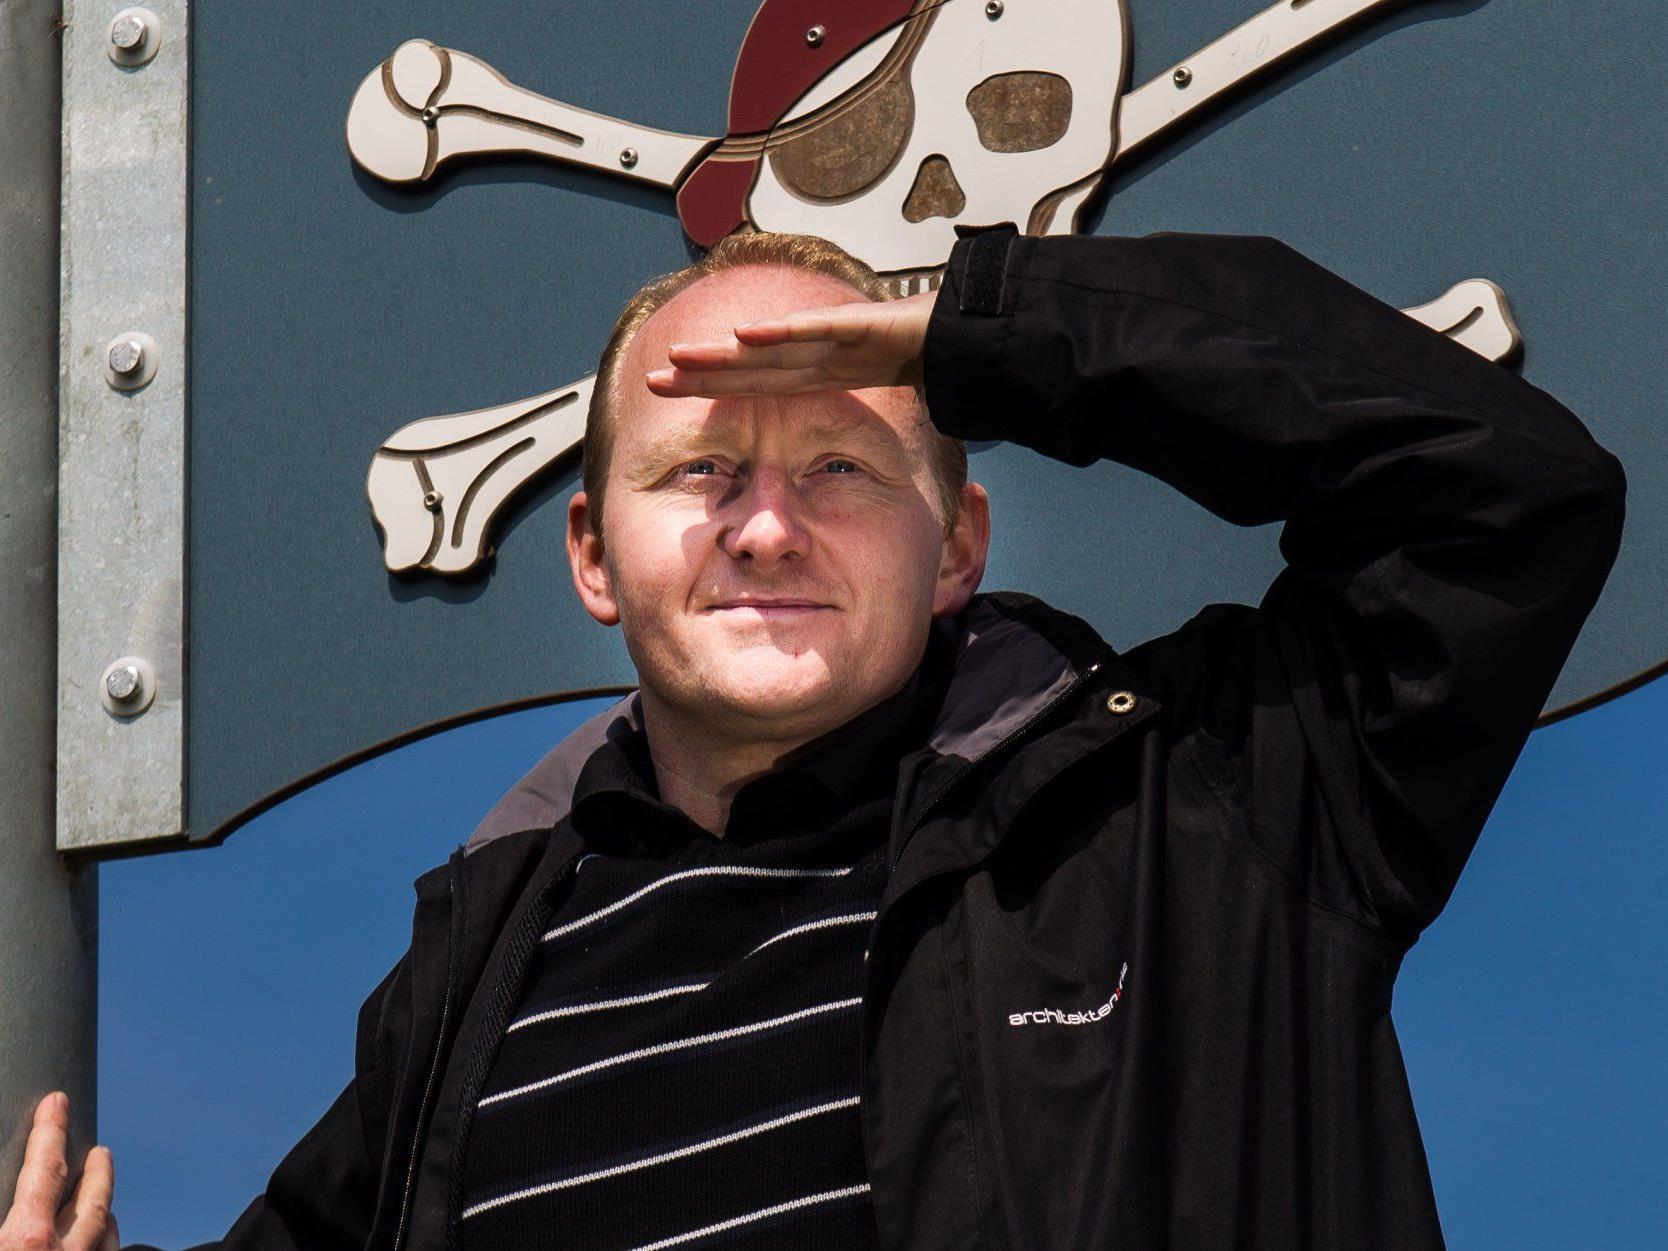 Piraten-Landessprecher Marc Fuhrken